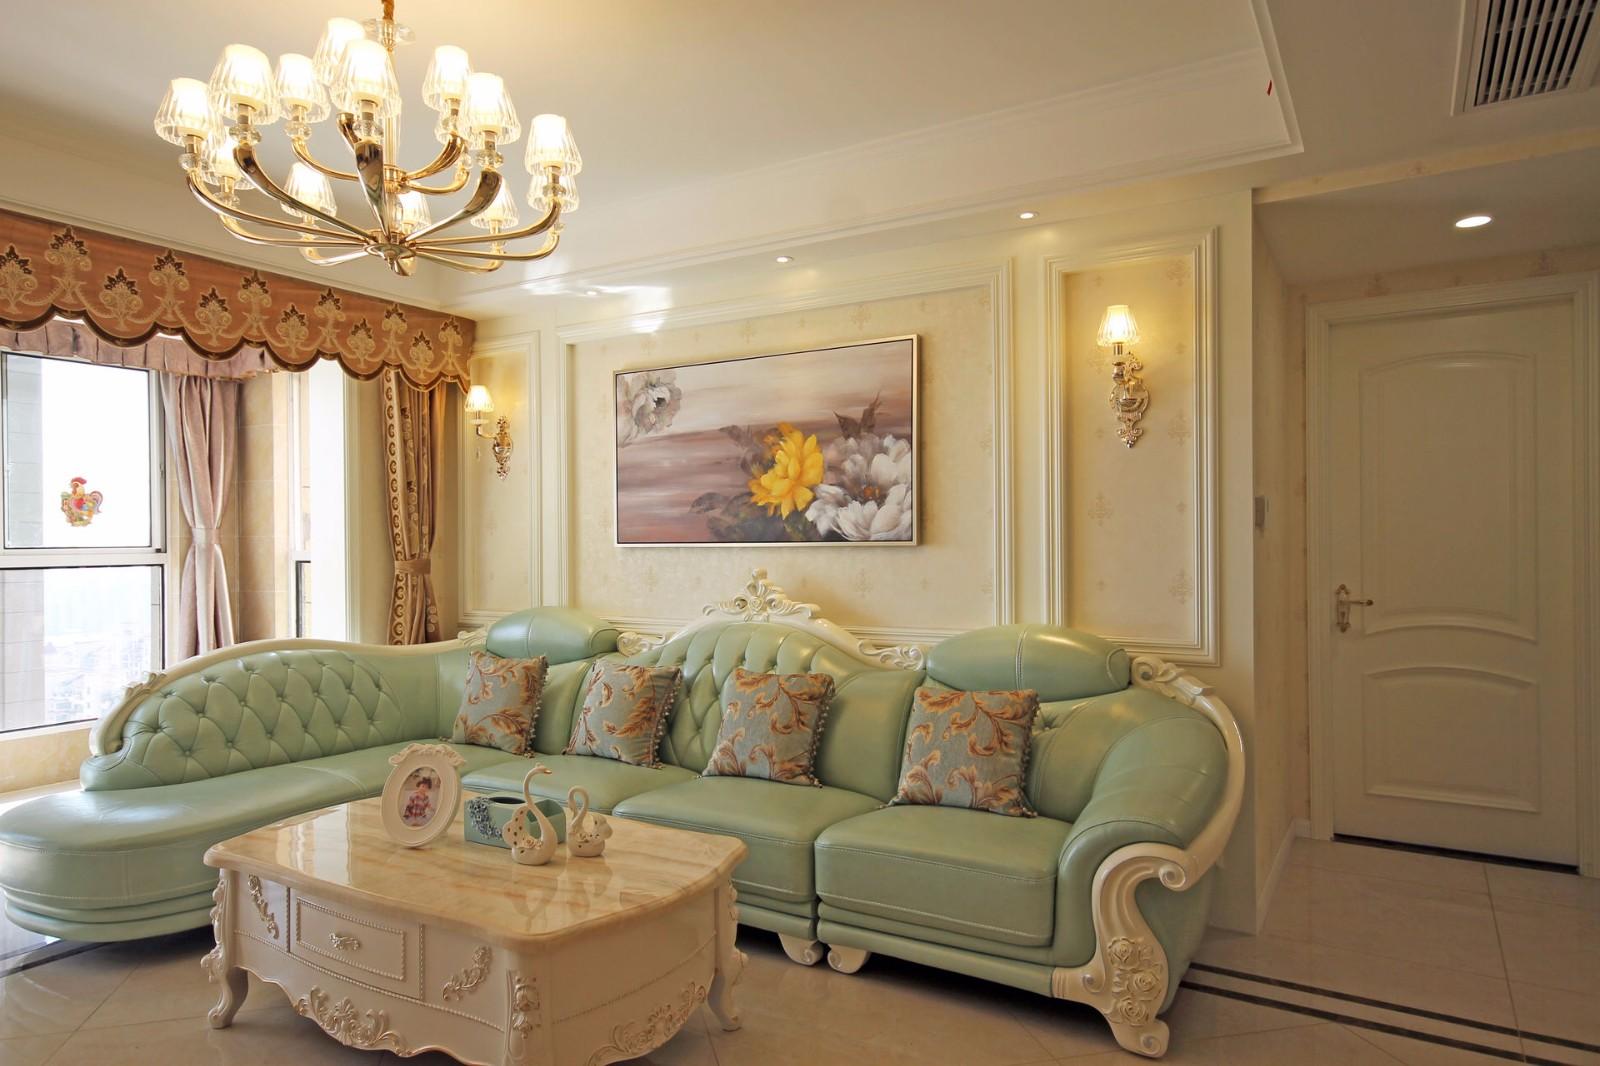 4室2卫2厅132平米简欧风格